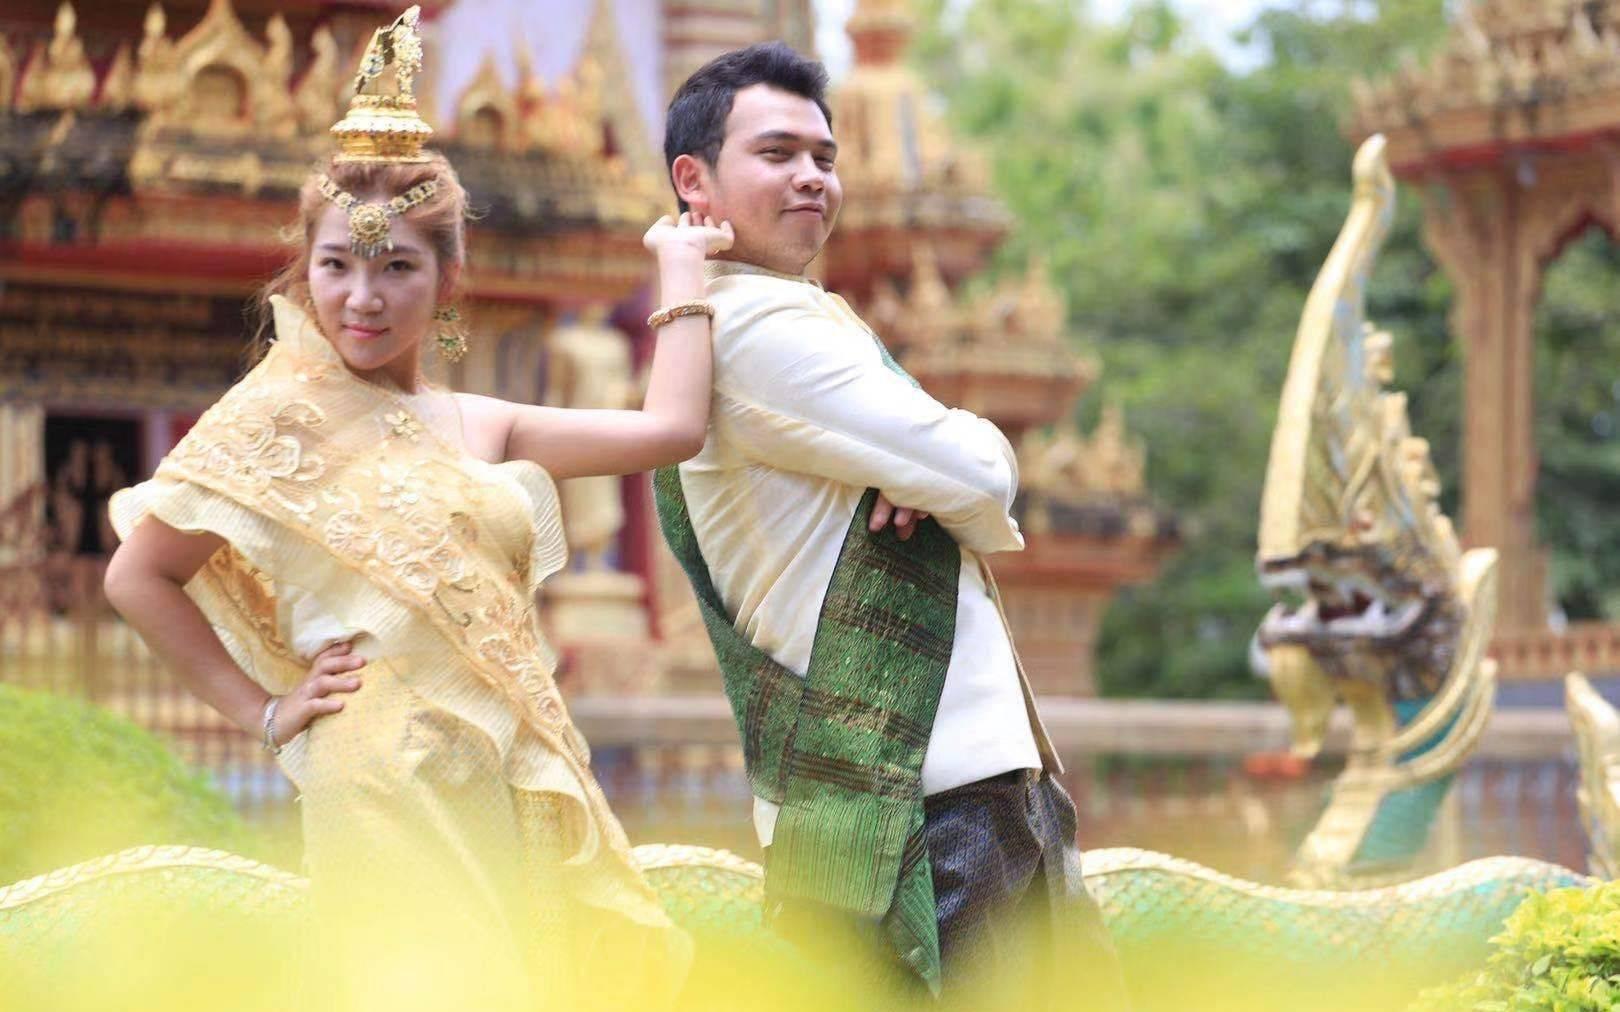 他是影视圈中文最好的泰国人,在厦门找到了新的梦想